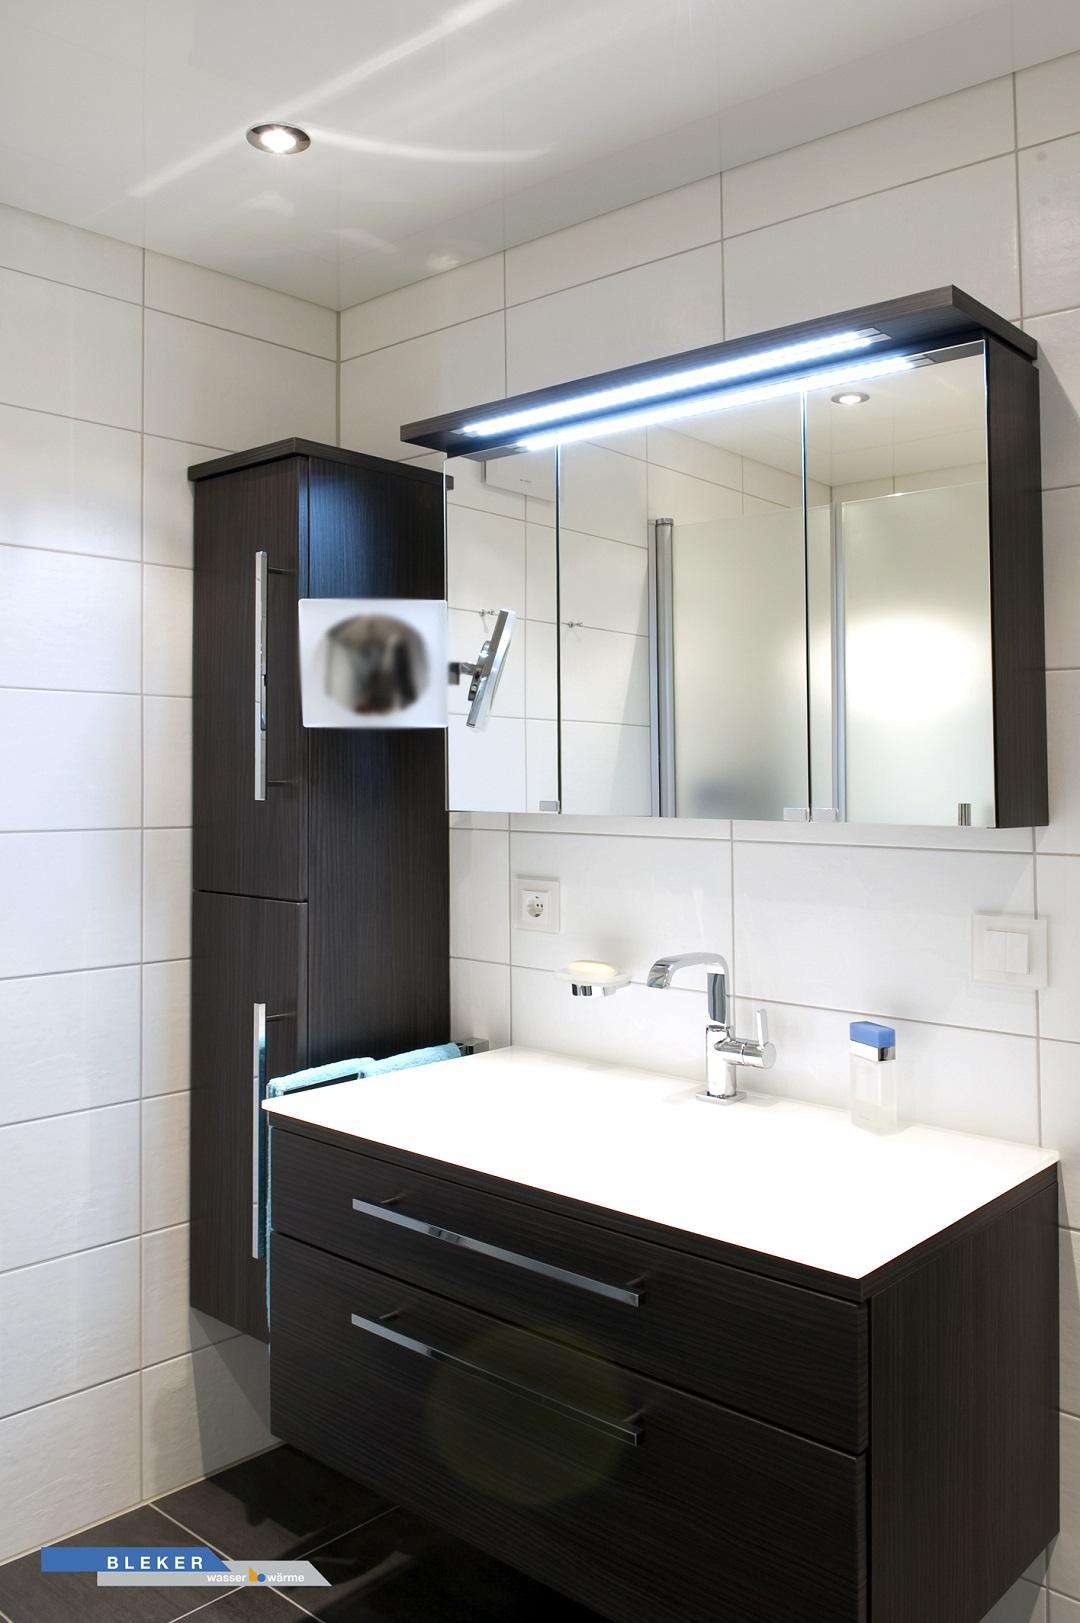 Bad Waschtischanlage mit Seitenschrank in schwarzbraun